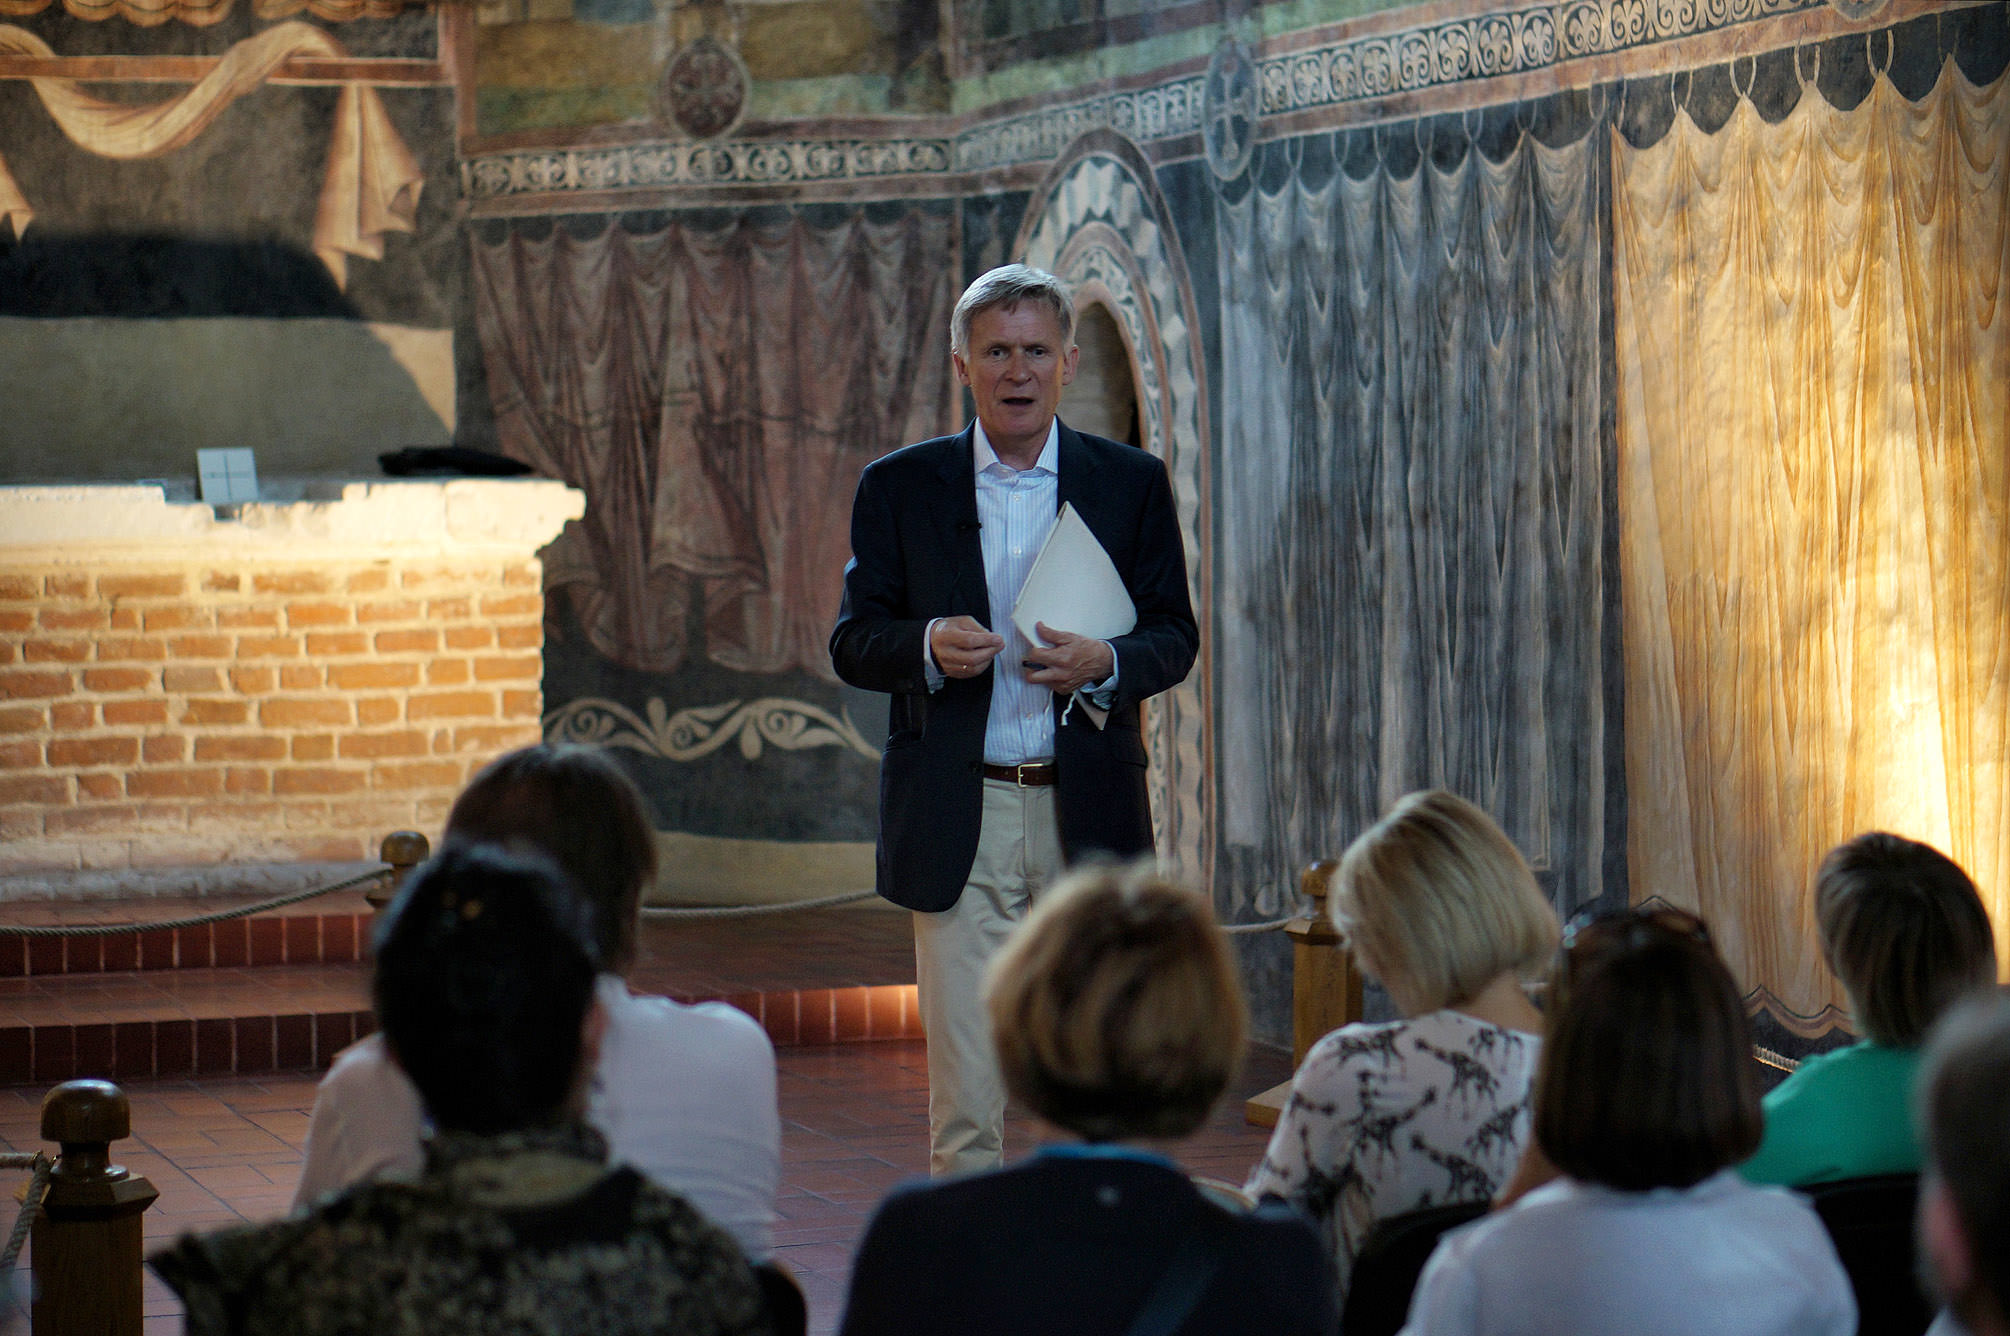 Wykład w kaplicy Trójcy Świętej prowadzi dr Andrzej Frejlich